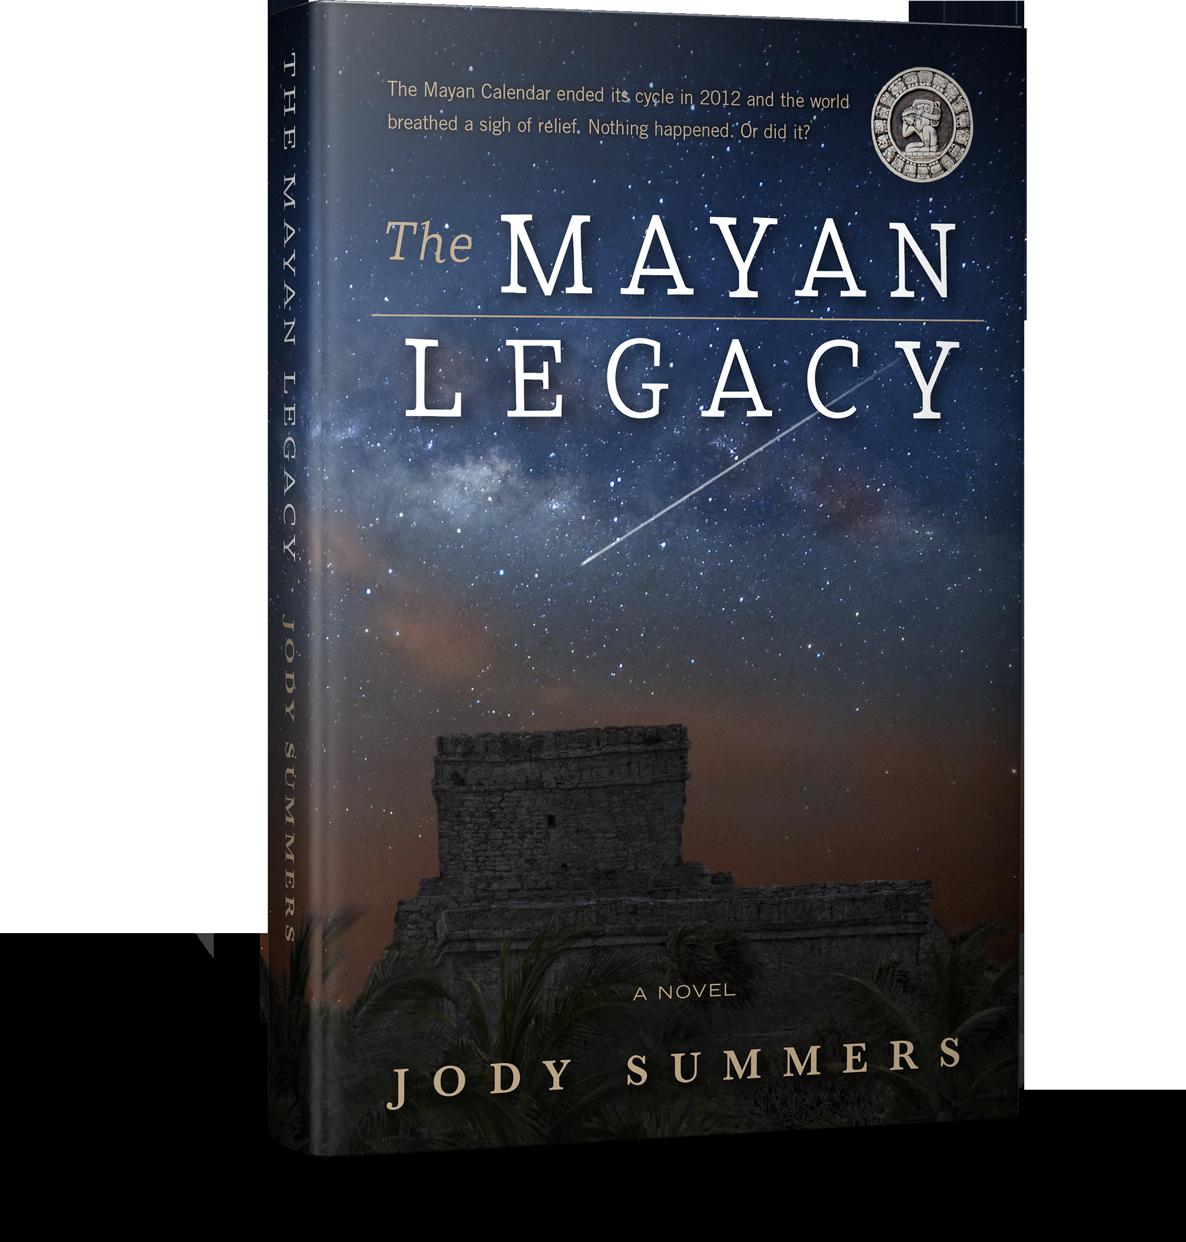 mayan-legacy-mockup